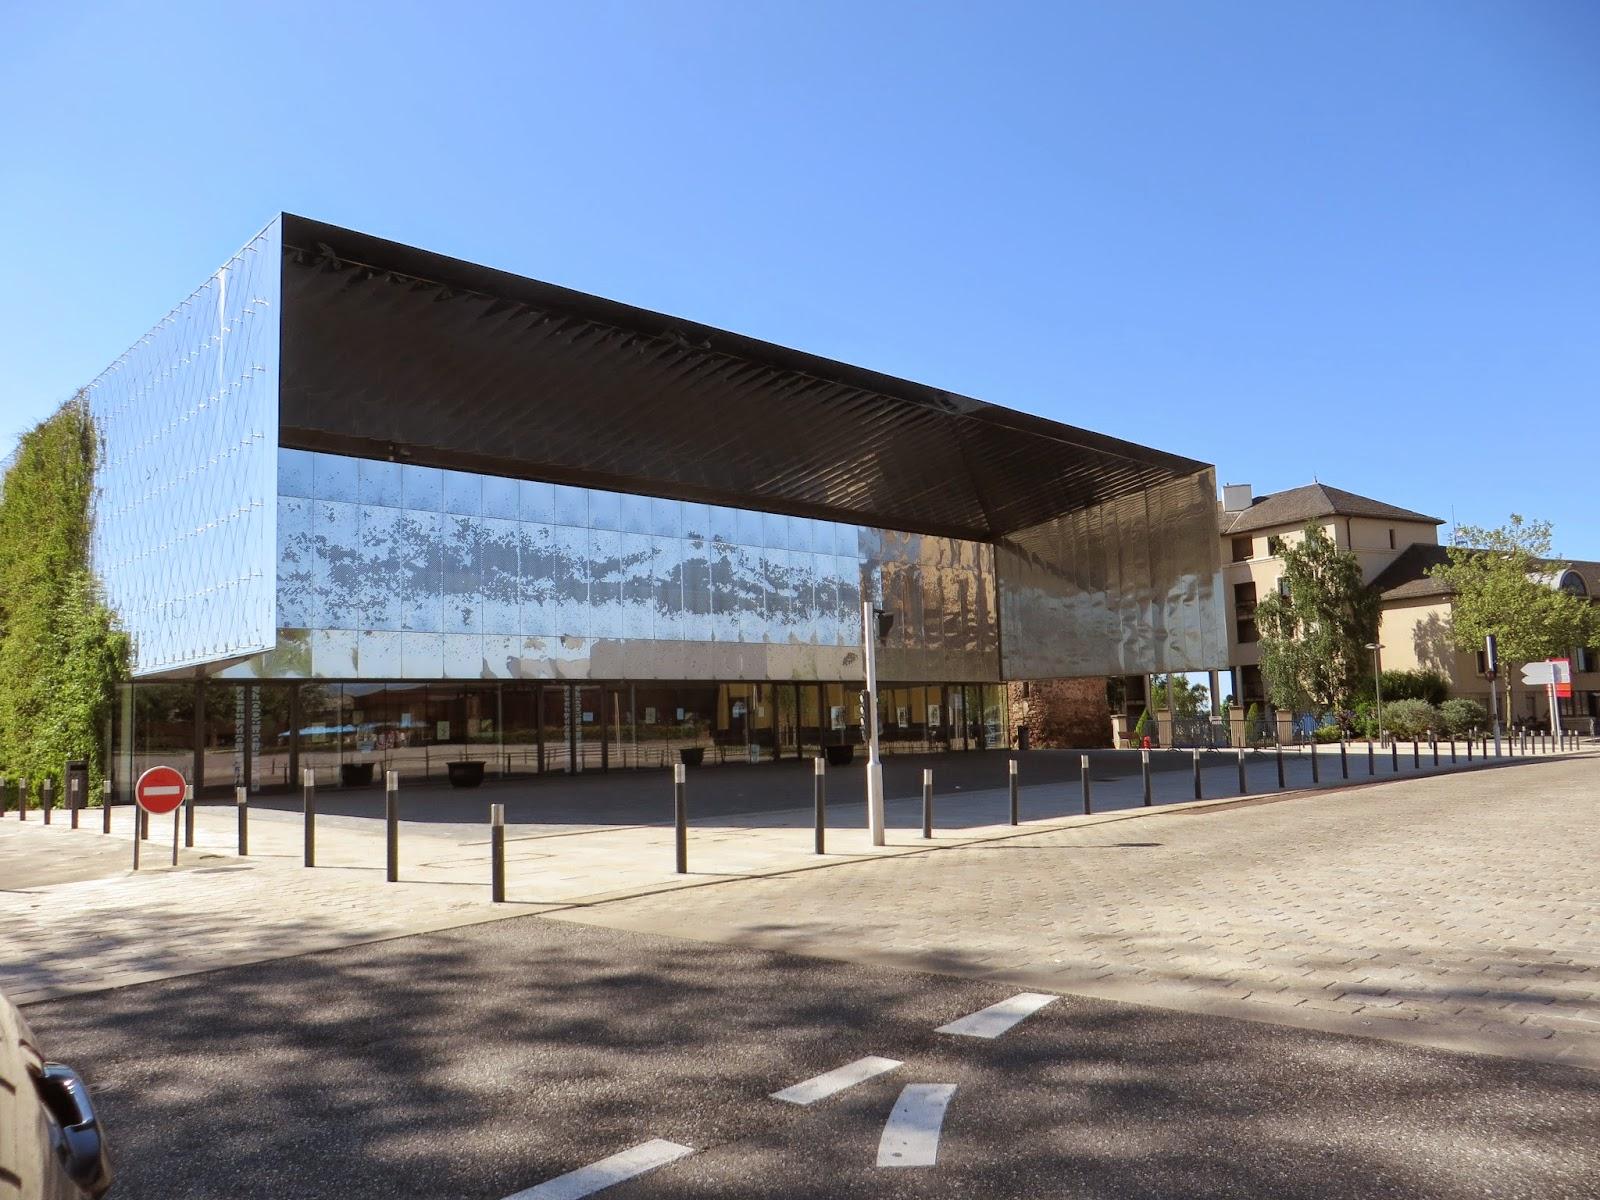 EntreVoir Salle des fêtes, Rodez  Emmanuel Nebout